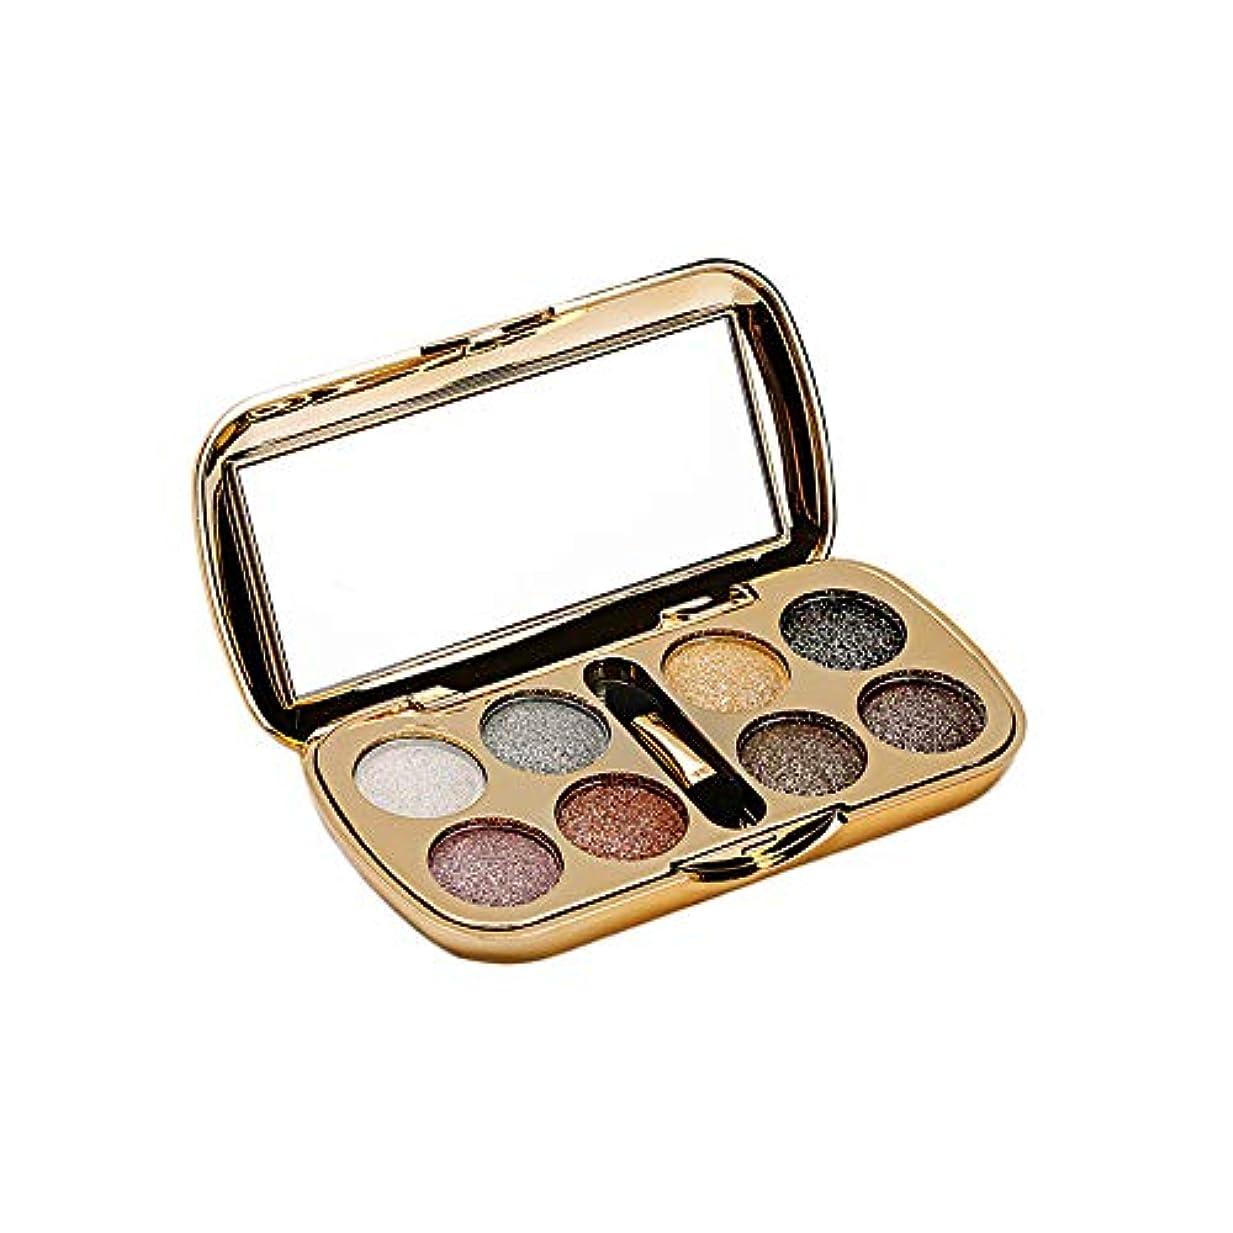 取り壊す報酬の望みAkane アイシャドウパレット Lameila 綺麗 魅力的 ファッション 人気 気質的 キラキラ ダイヤモンド チャーム 防水 長持ち おしゃれ 持ち便利 Eye Shadow (8色) 3551